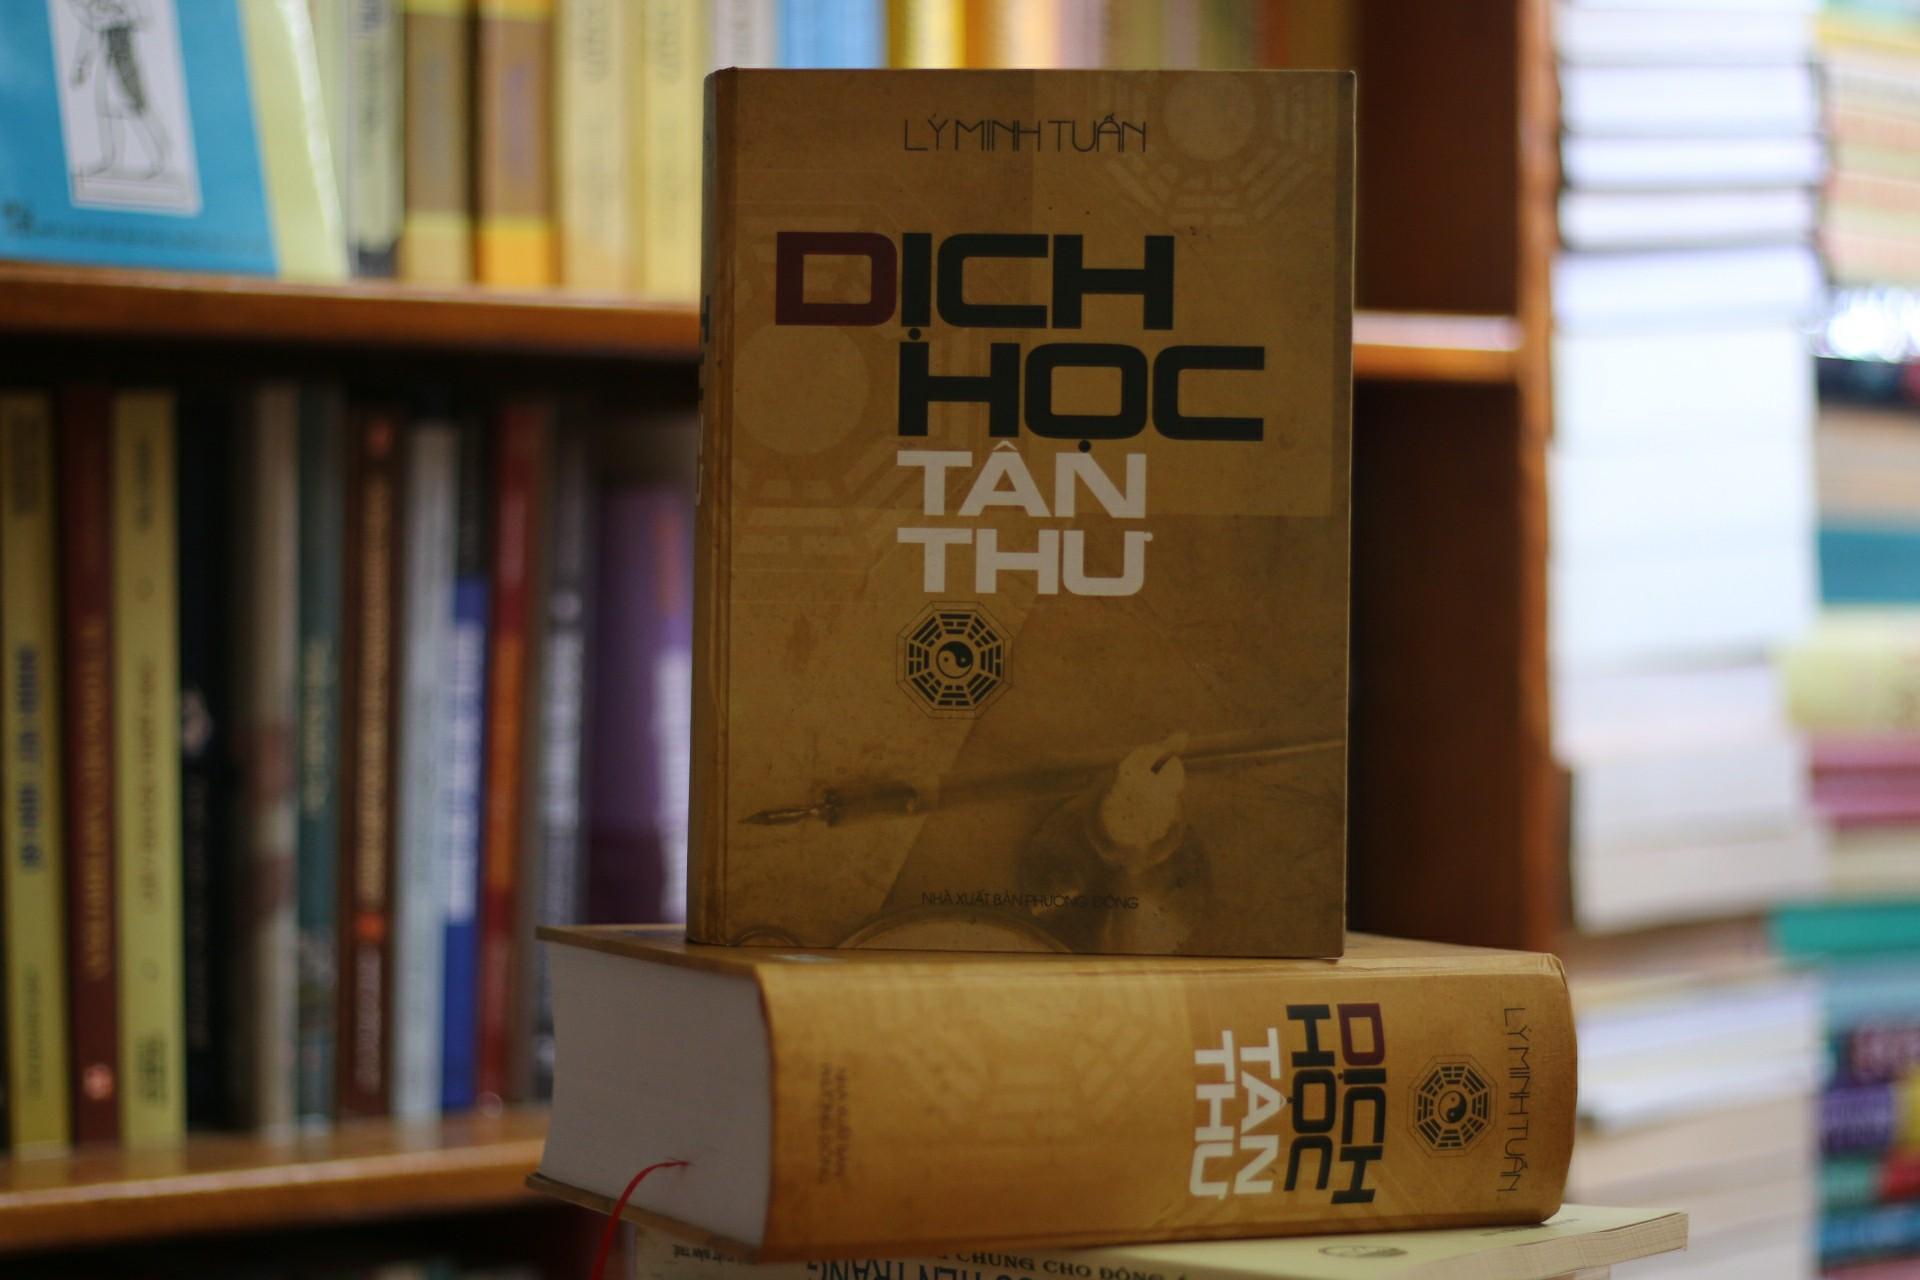 Dịch Học Tân Thư